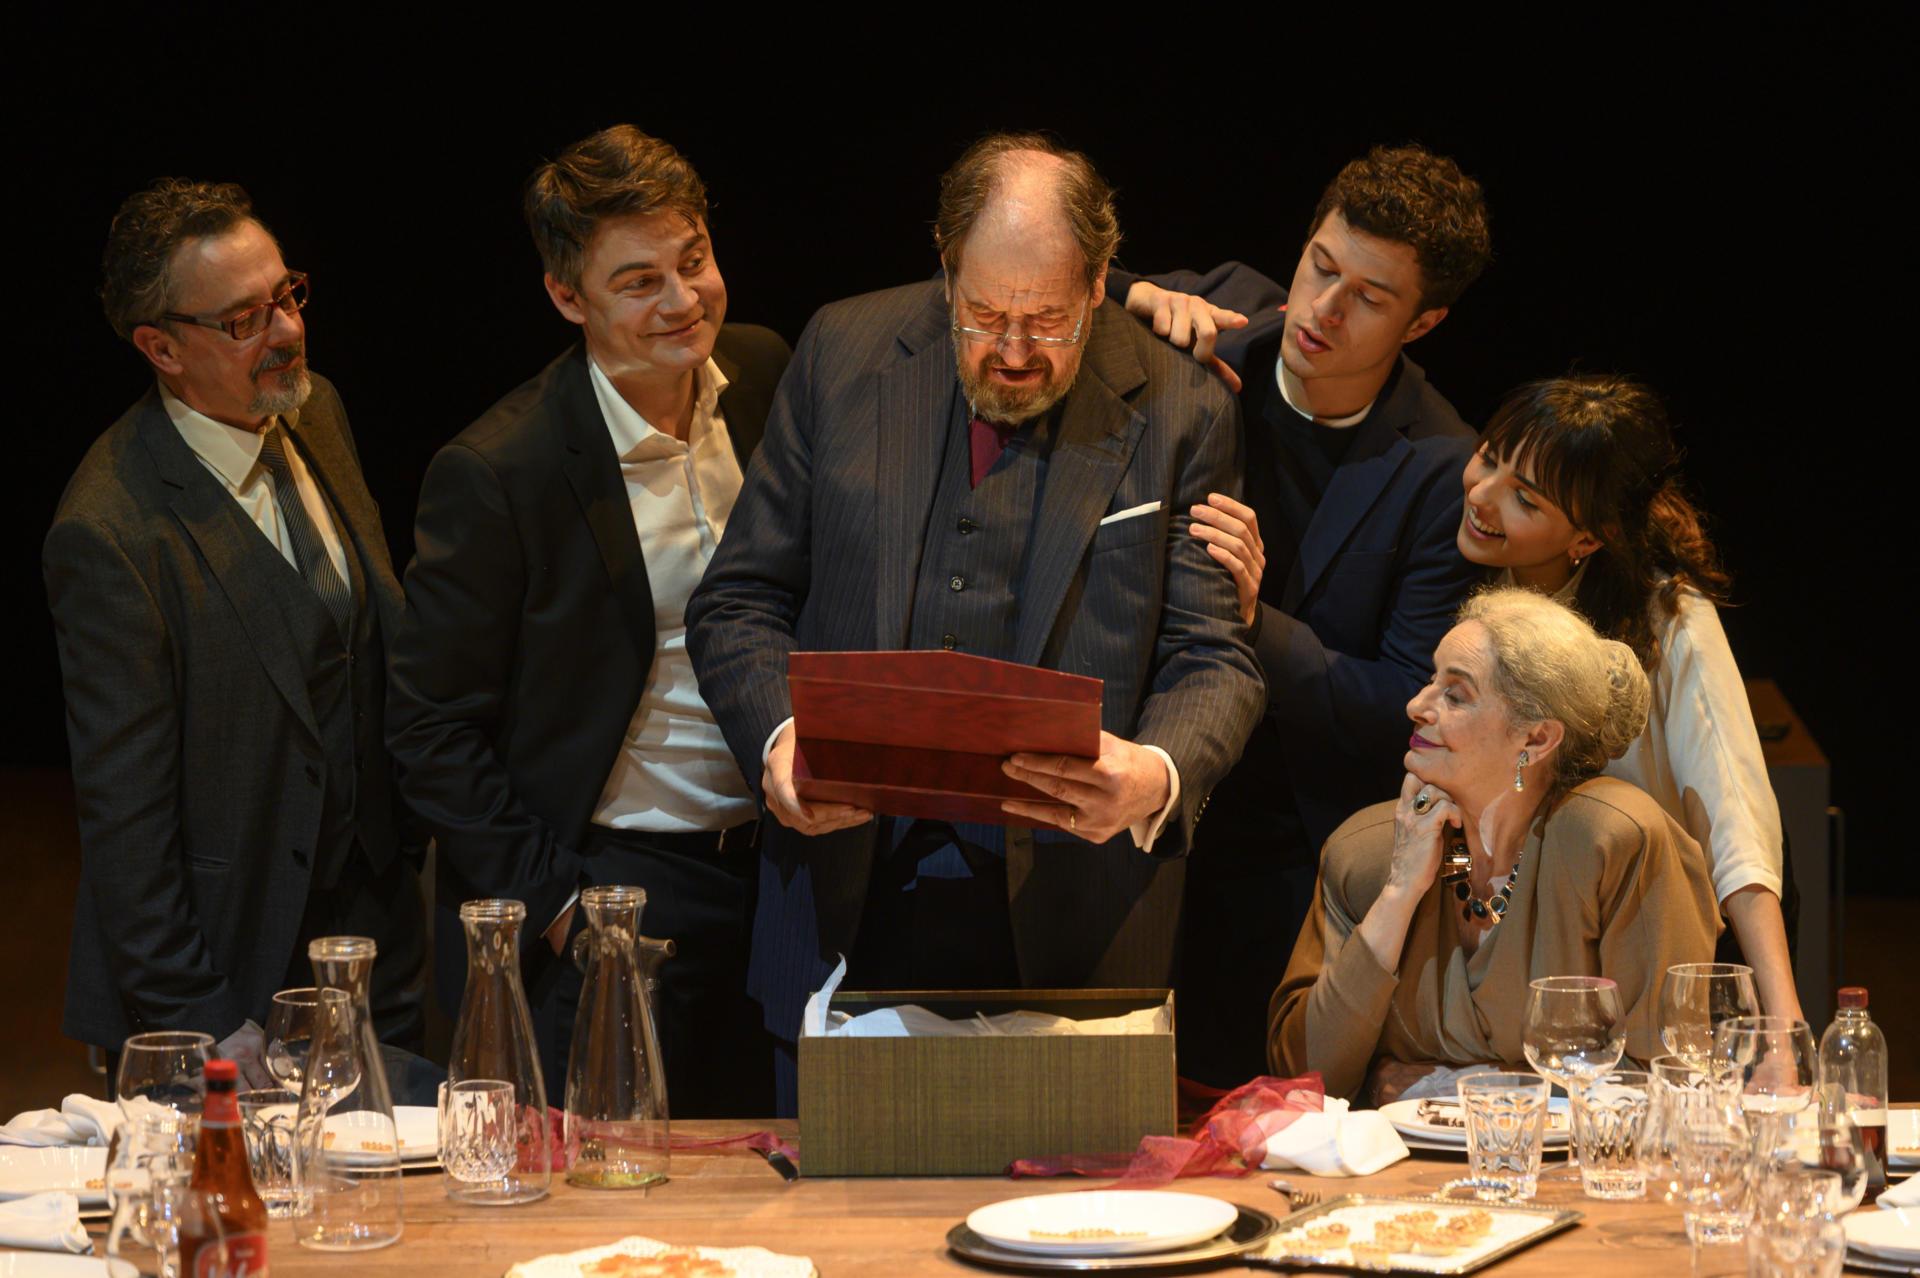 Josep Maria Pou protagonitza 'Justícia' de Guillem Clua al TNC. Foto: May Zircus / TNC